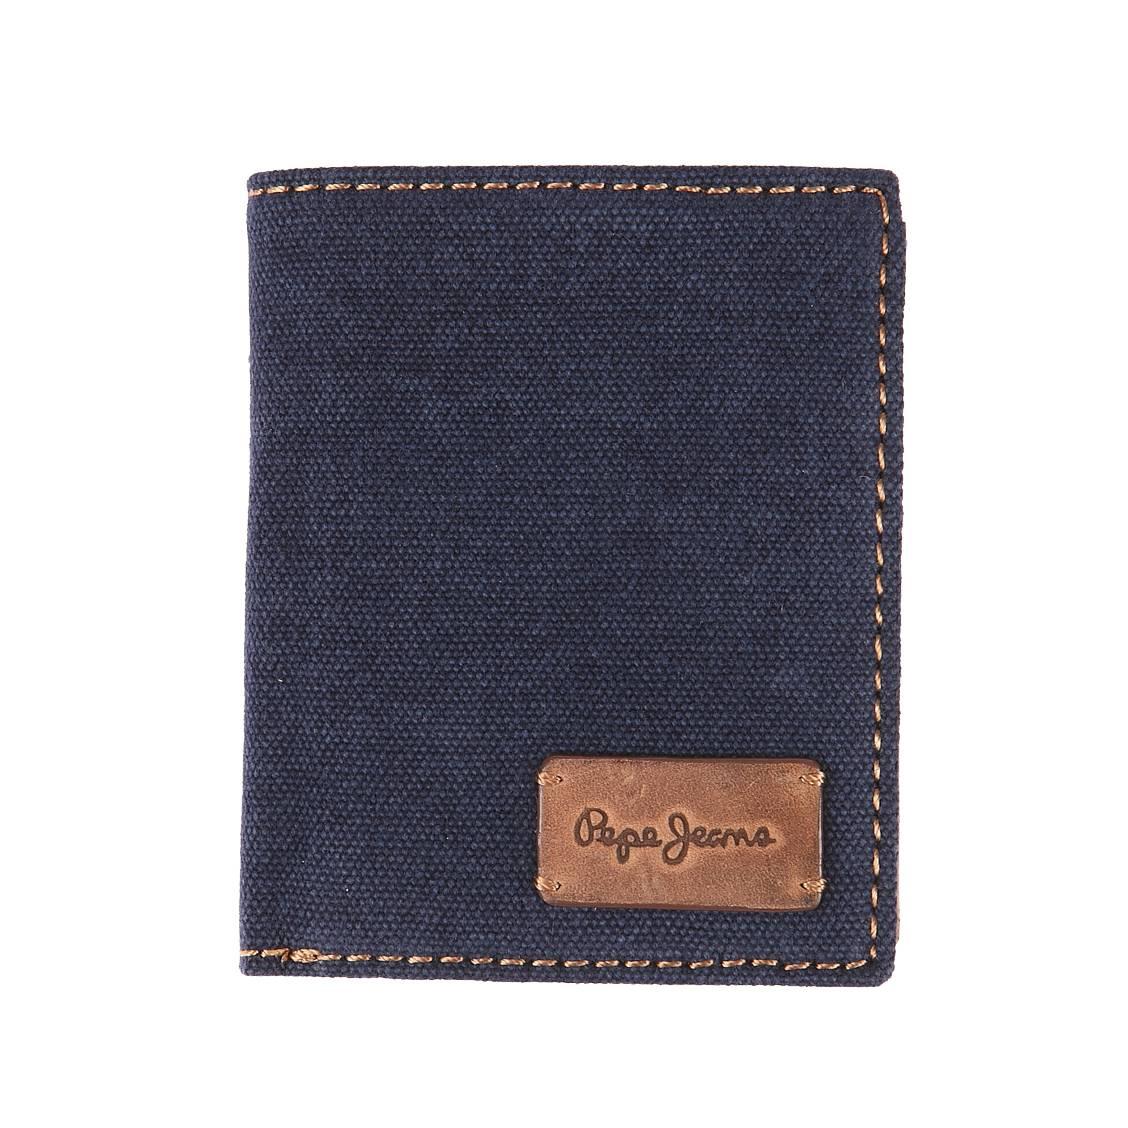 Petit portefeuille européen 3 volets pepe jeans...